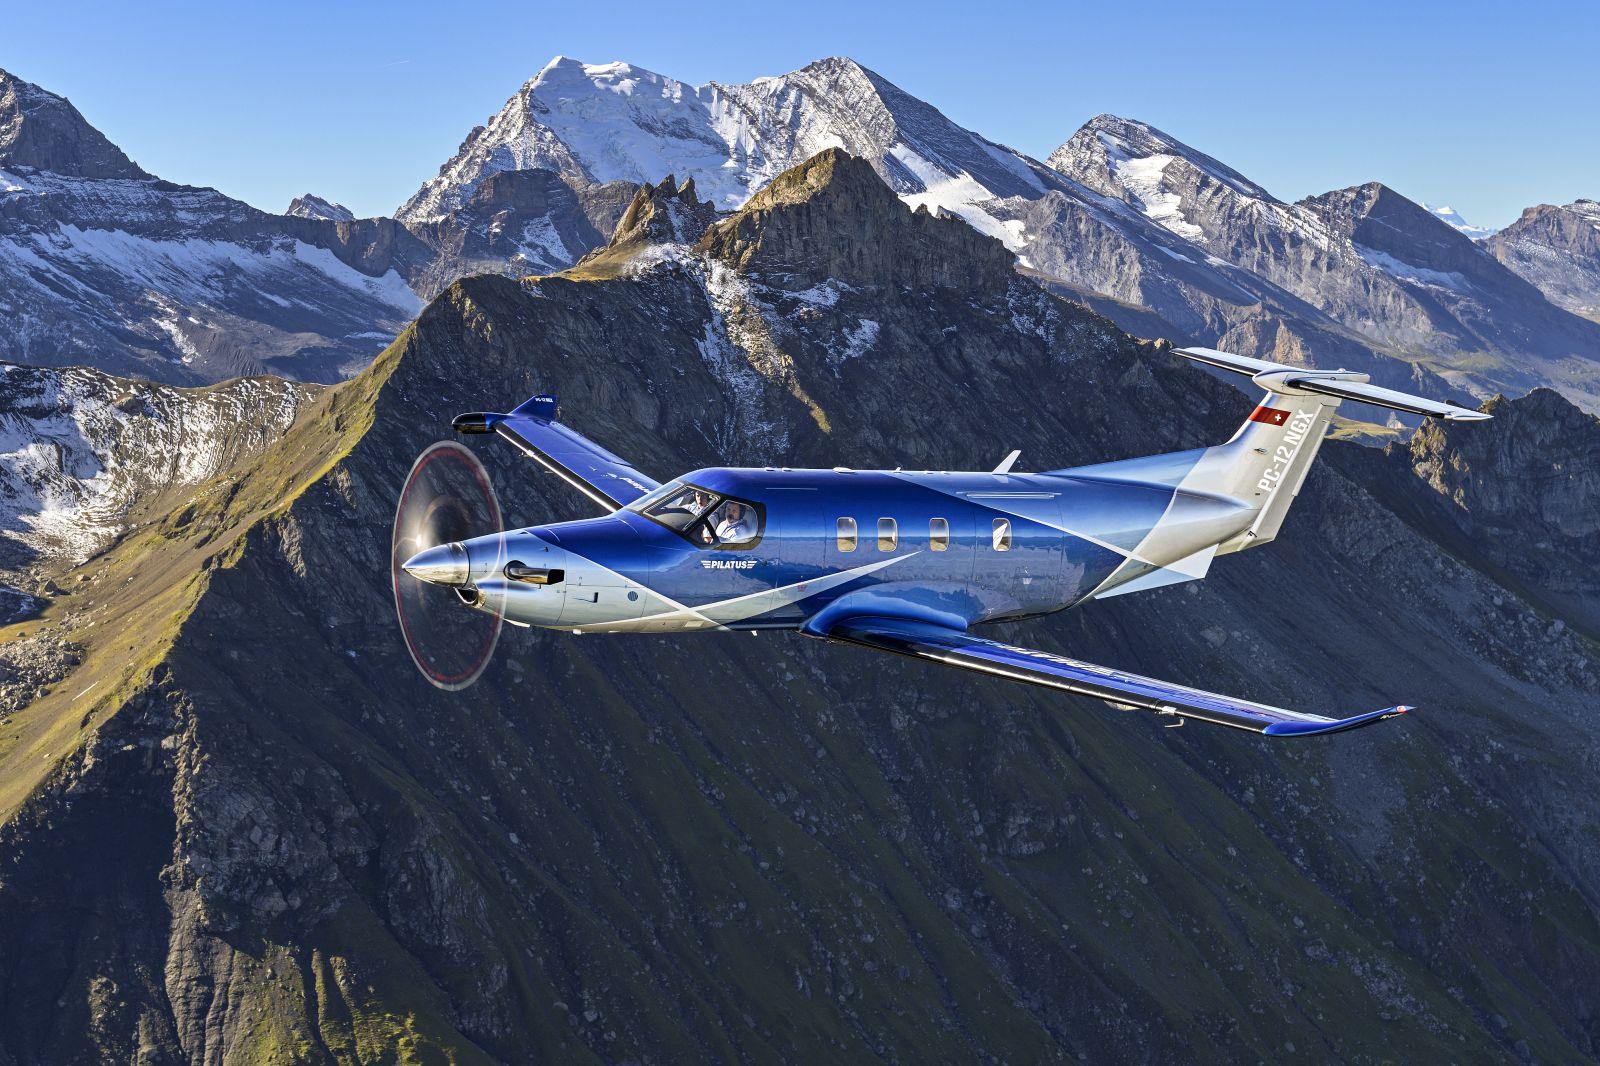 Новият Pilatus PC-12 NGX - най-добрият турбовитлов бизнес самолет в света - по-добър от всякога (ЕКСКЛУЗИВНА ГАЛЕРИЯ)